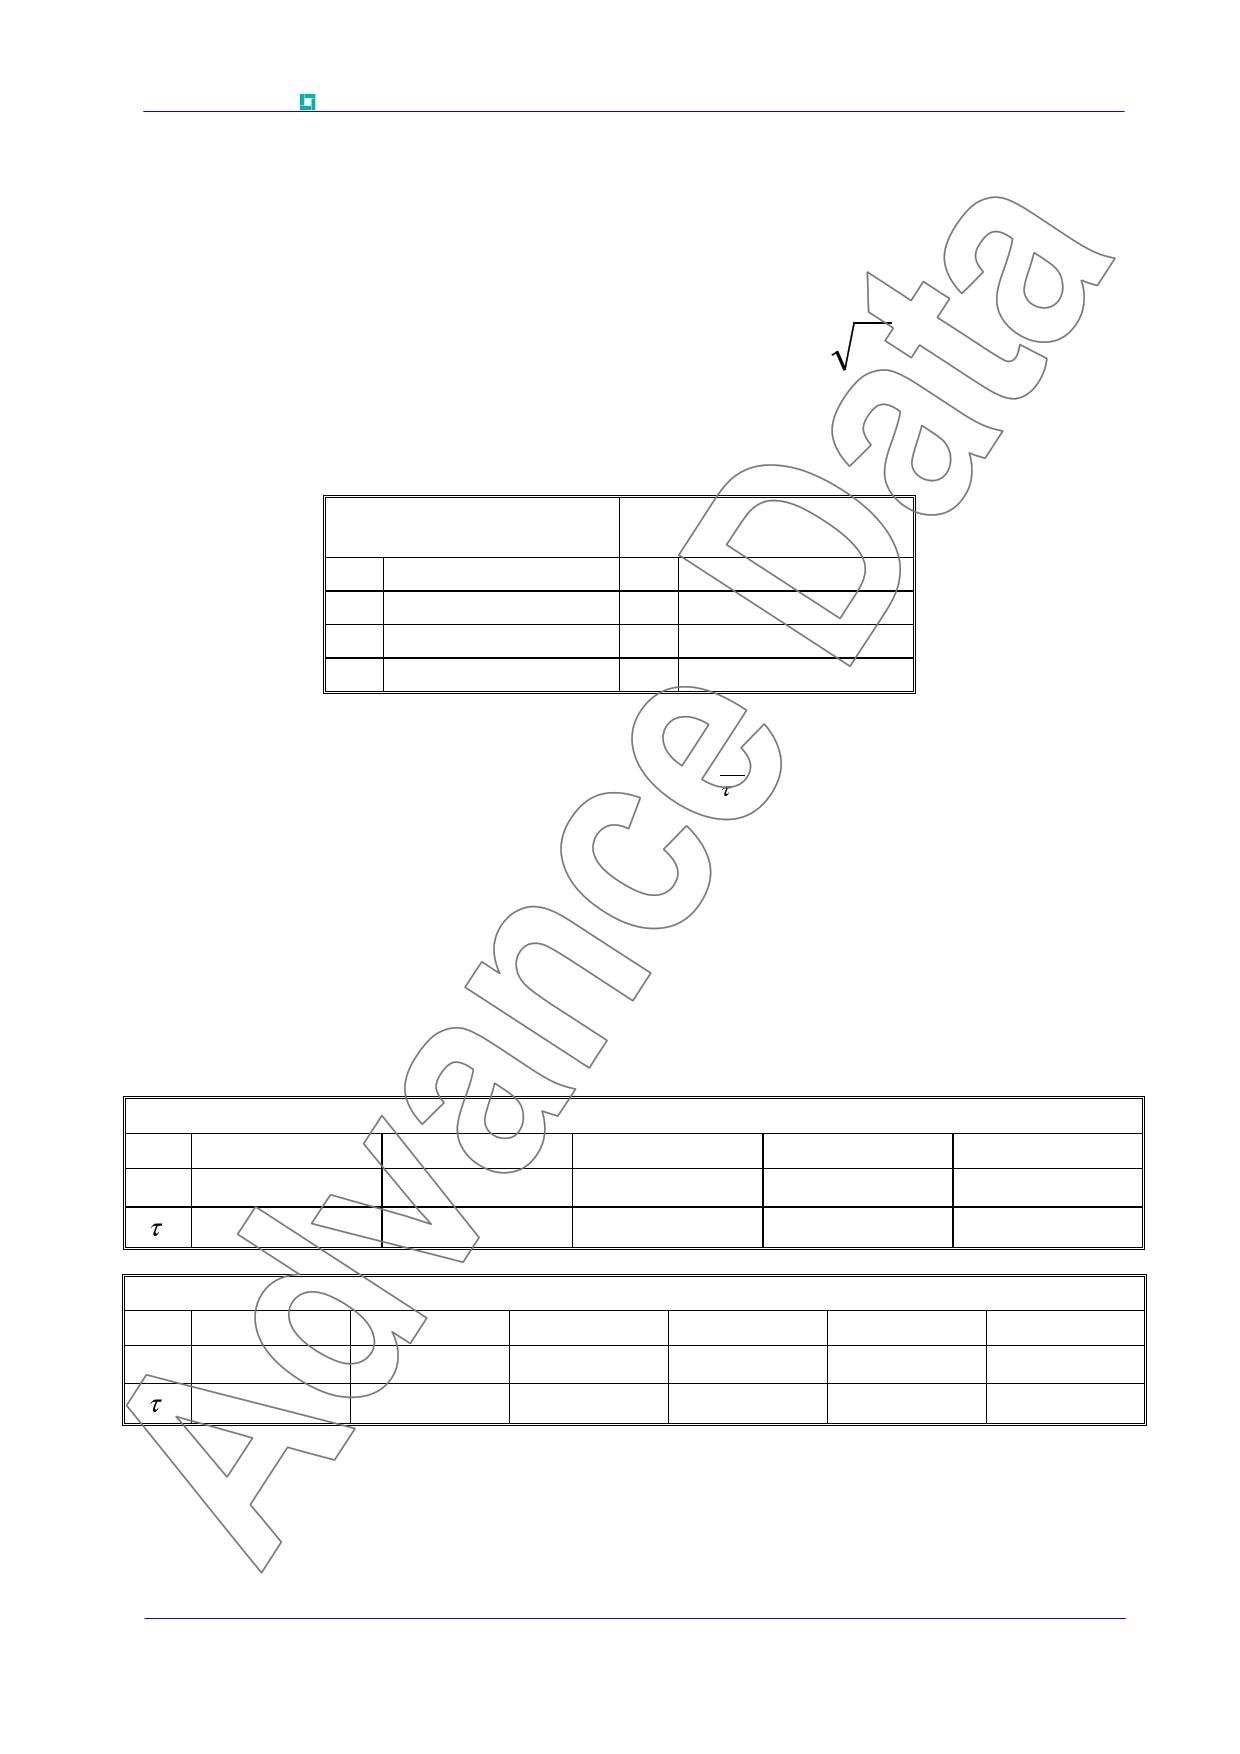 K0885NG440 pdf